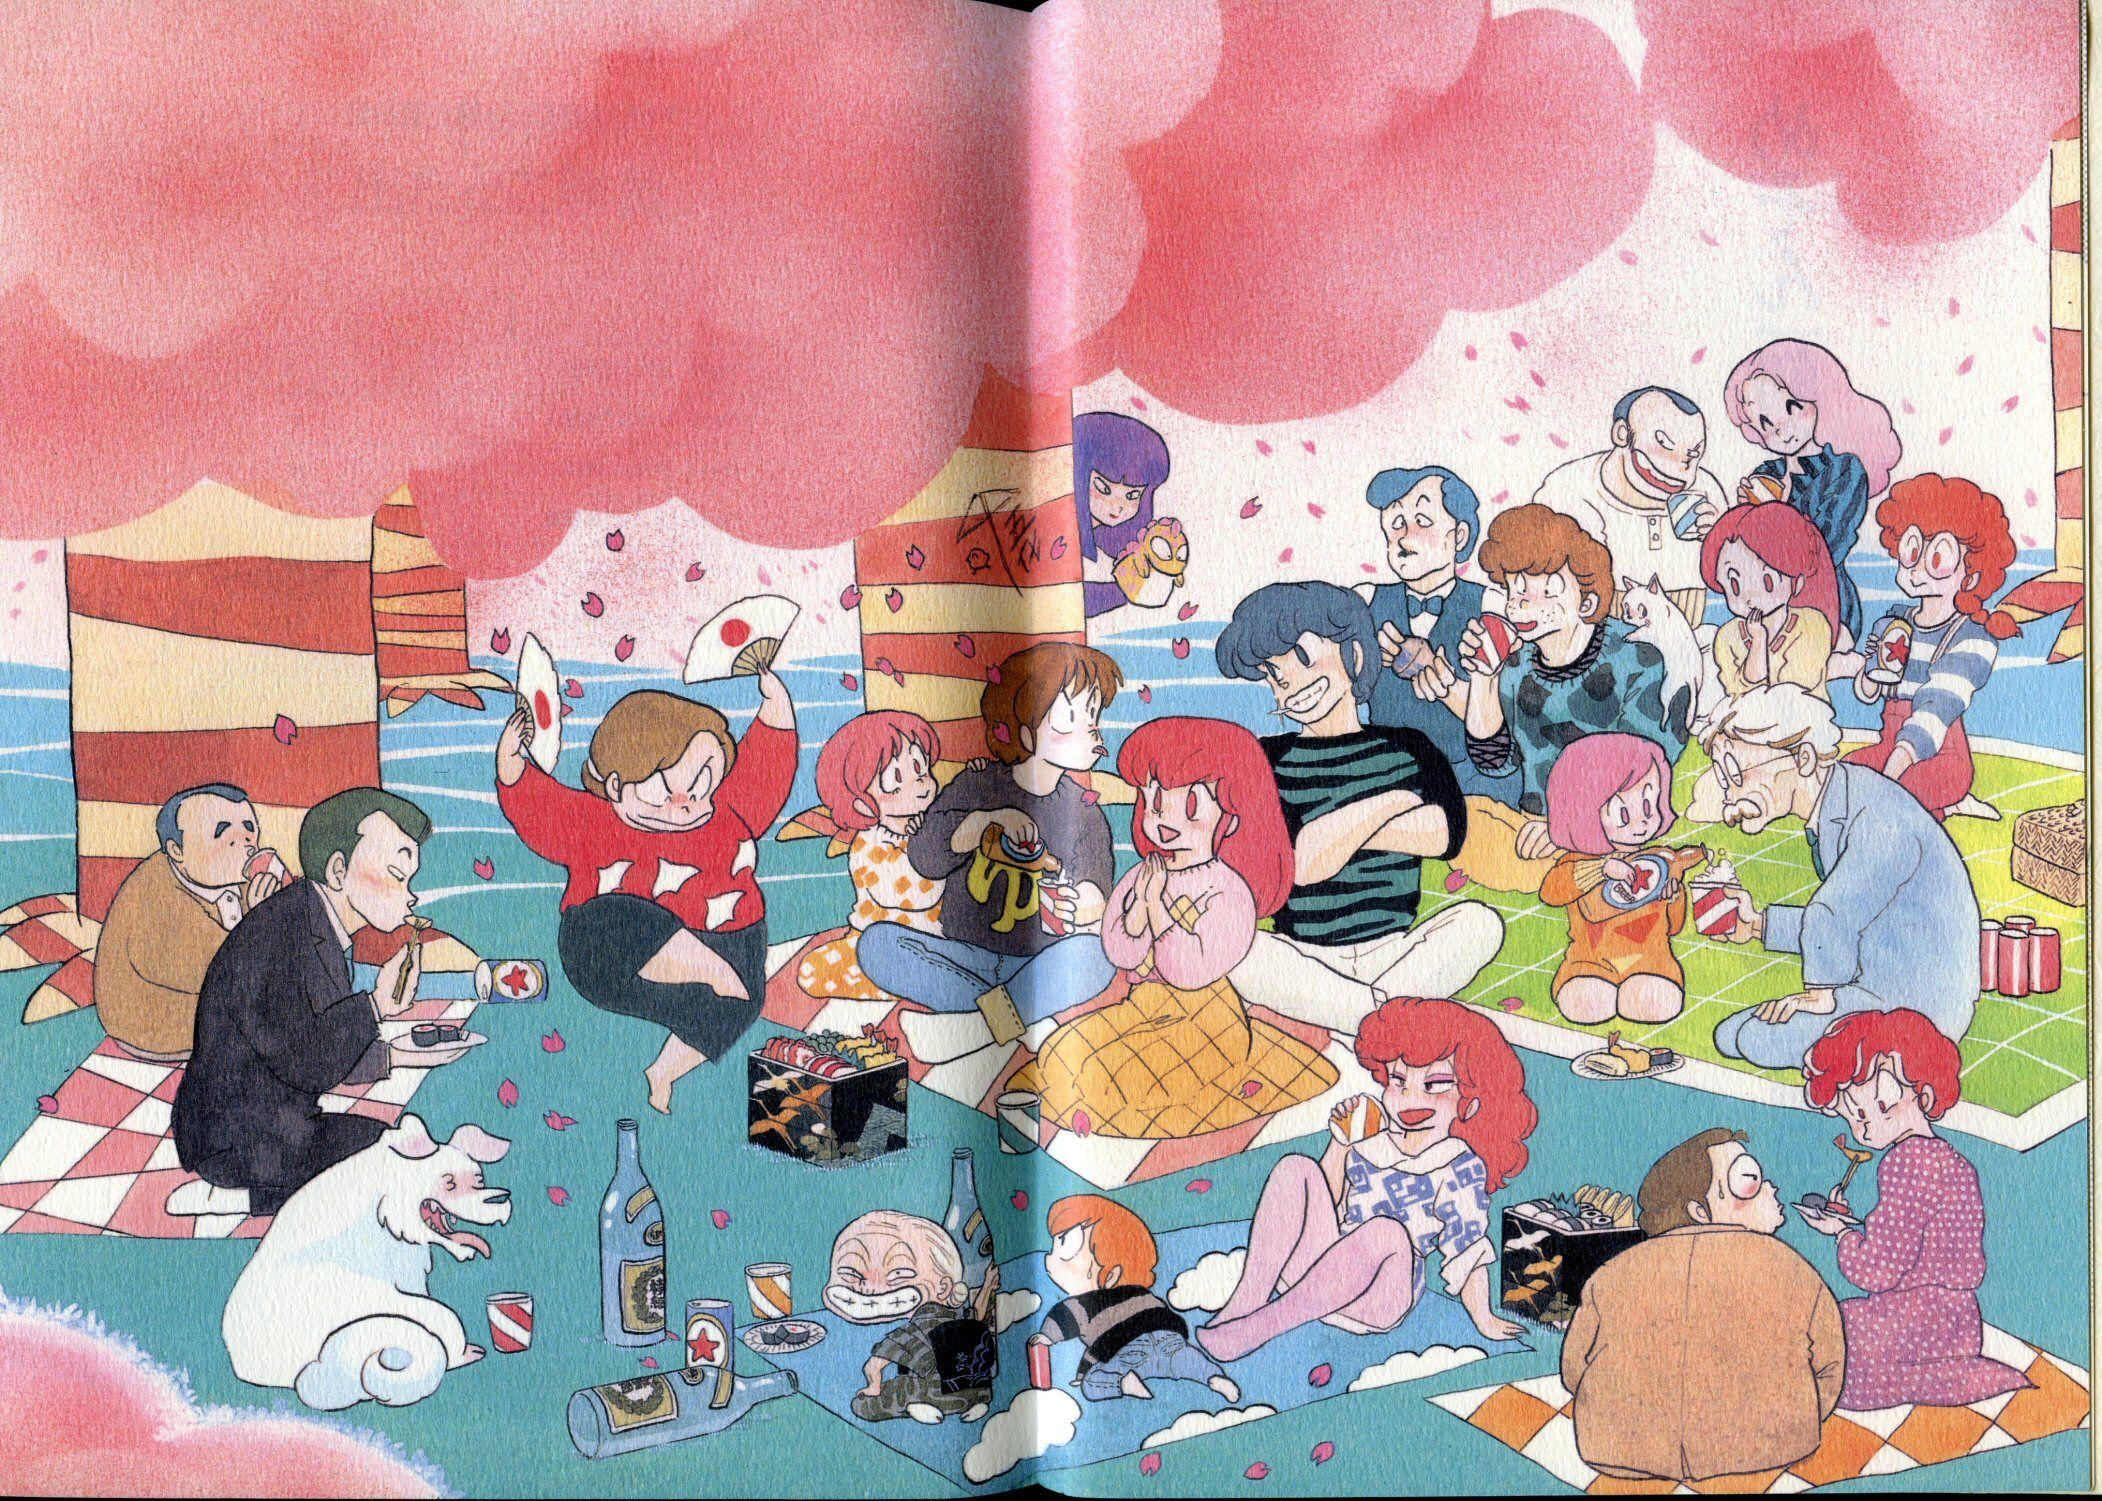 Maison ikkoku artbook hanami celebration rumiko takahashi for Anime maison ikkoku